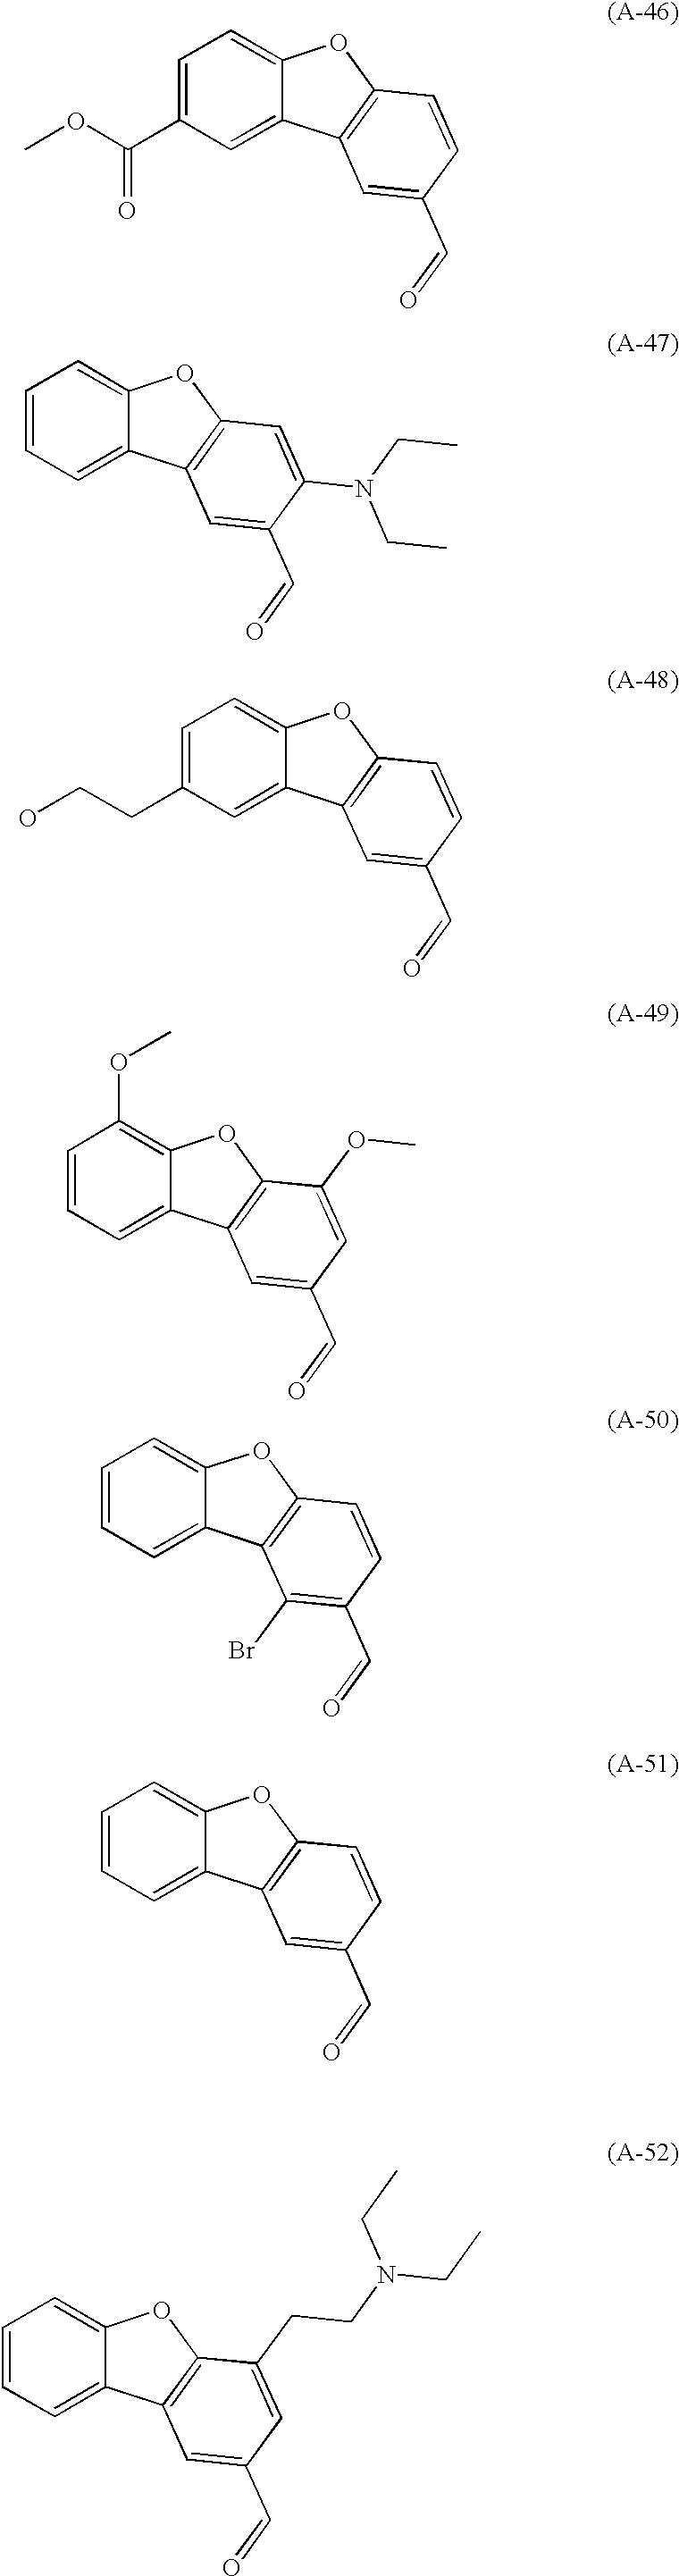 Figure US20030203901A1-20031030-C00024